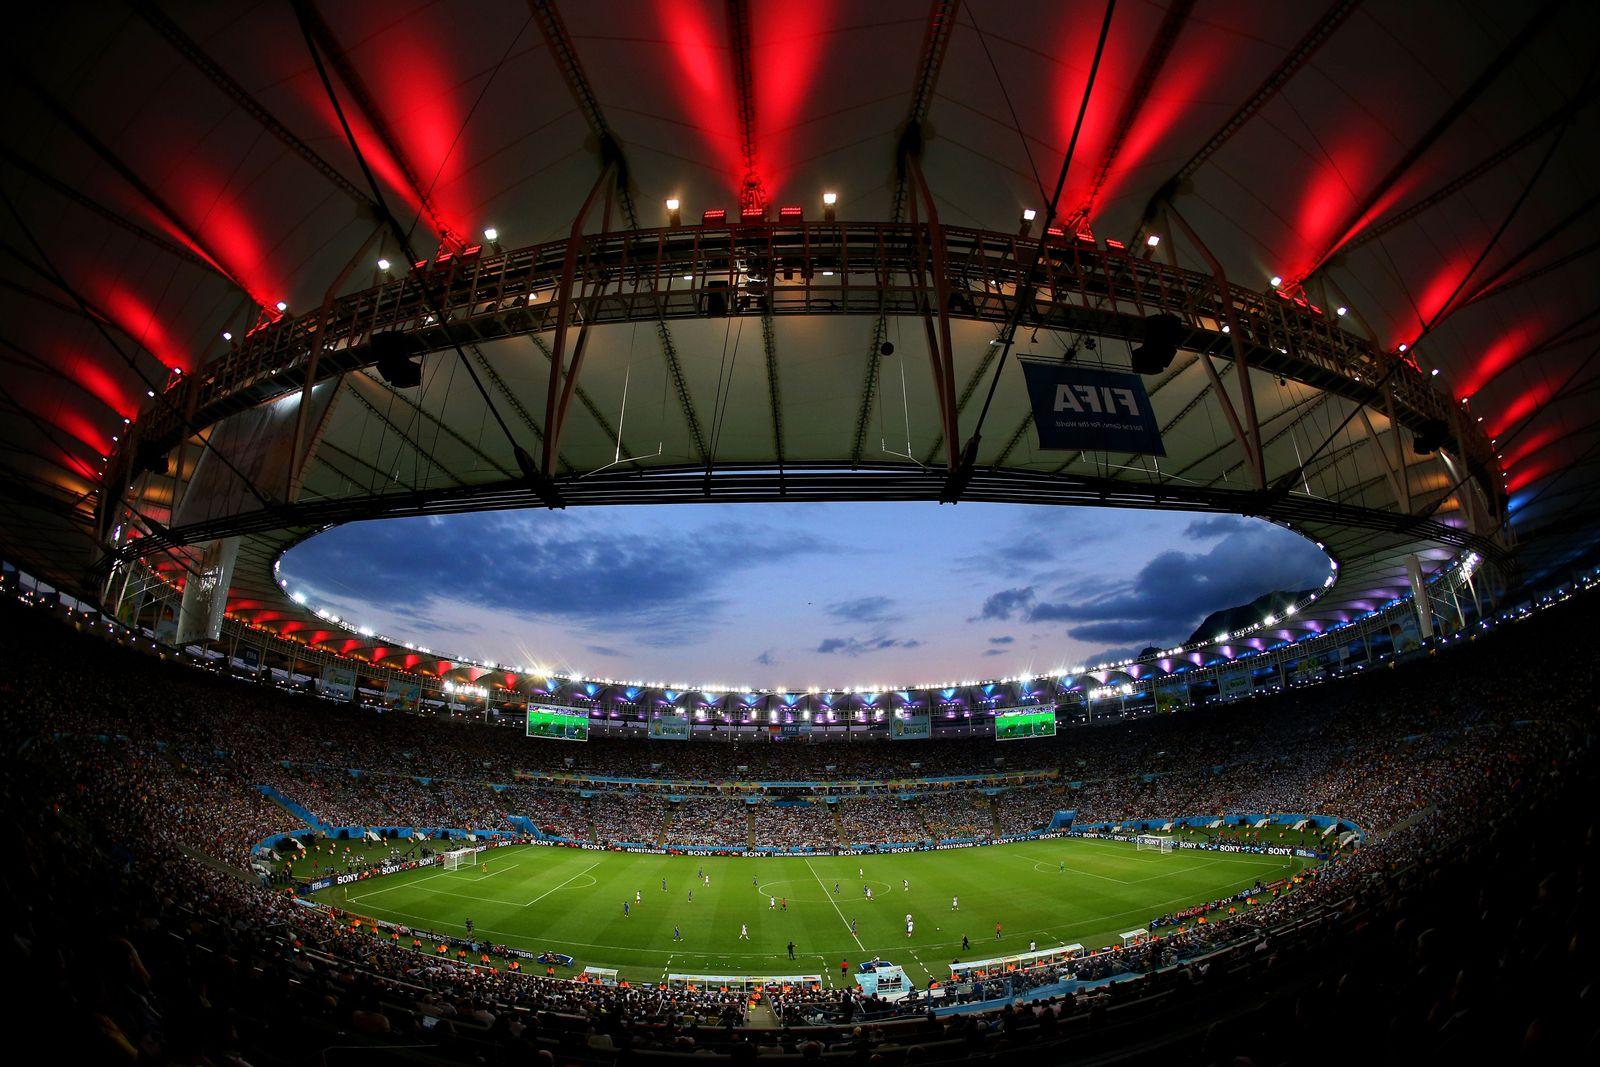 WM / Stadion